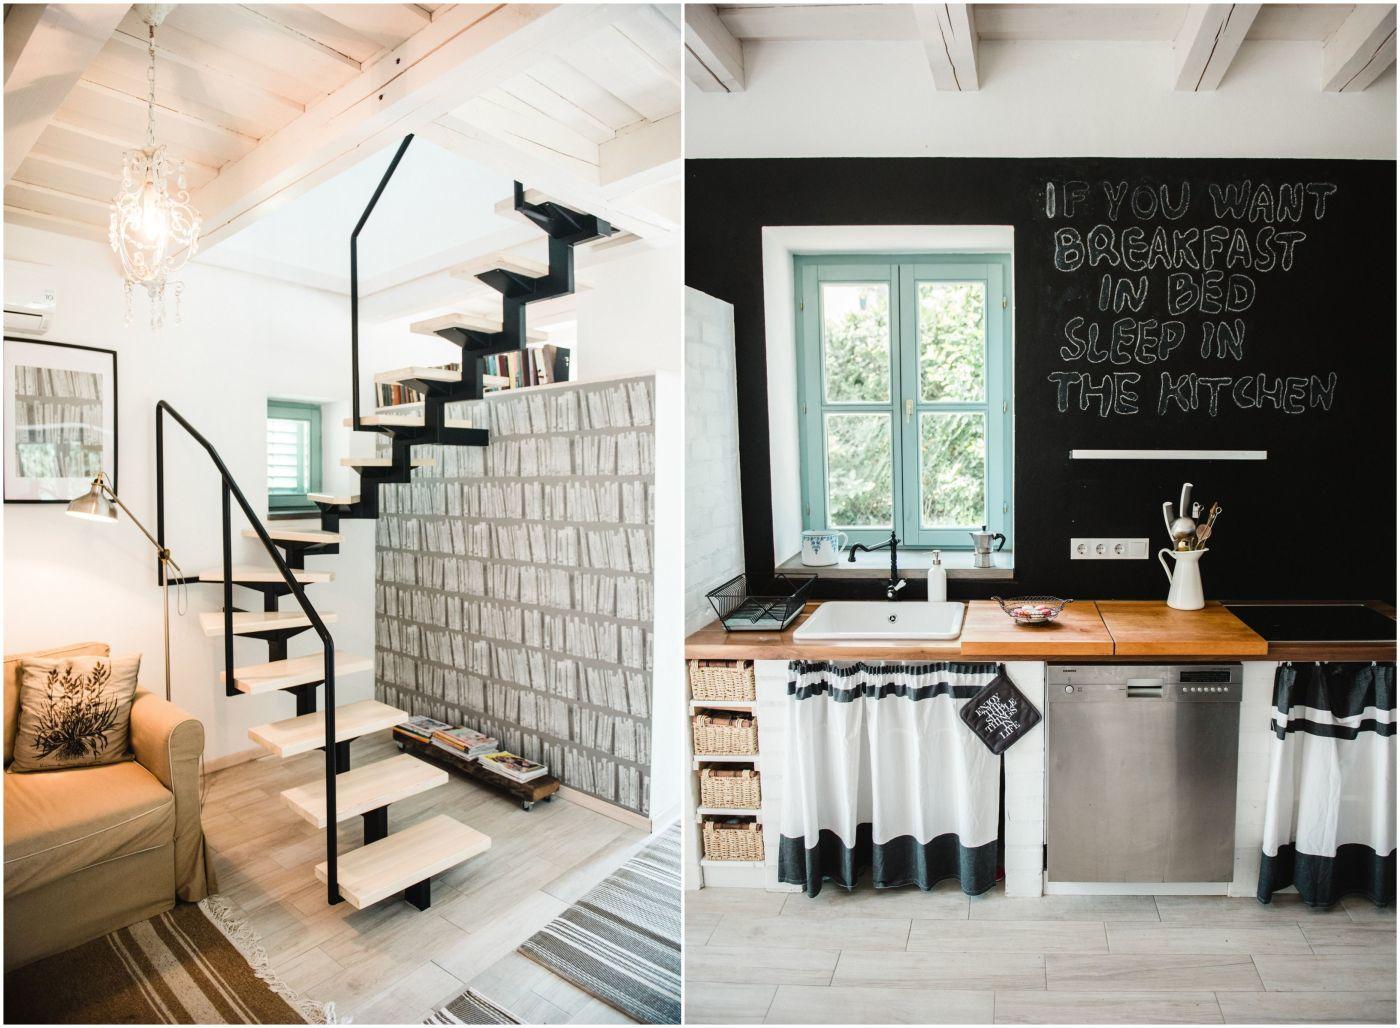 Táblafesték a konyha falán - Noemi's Cottage Balatongyörök